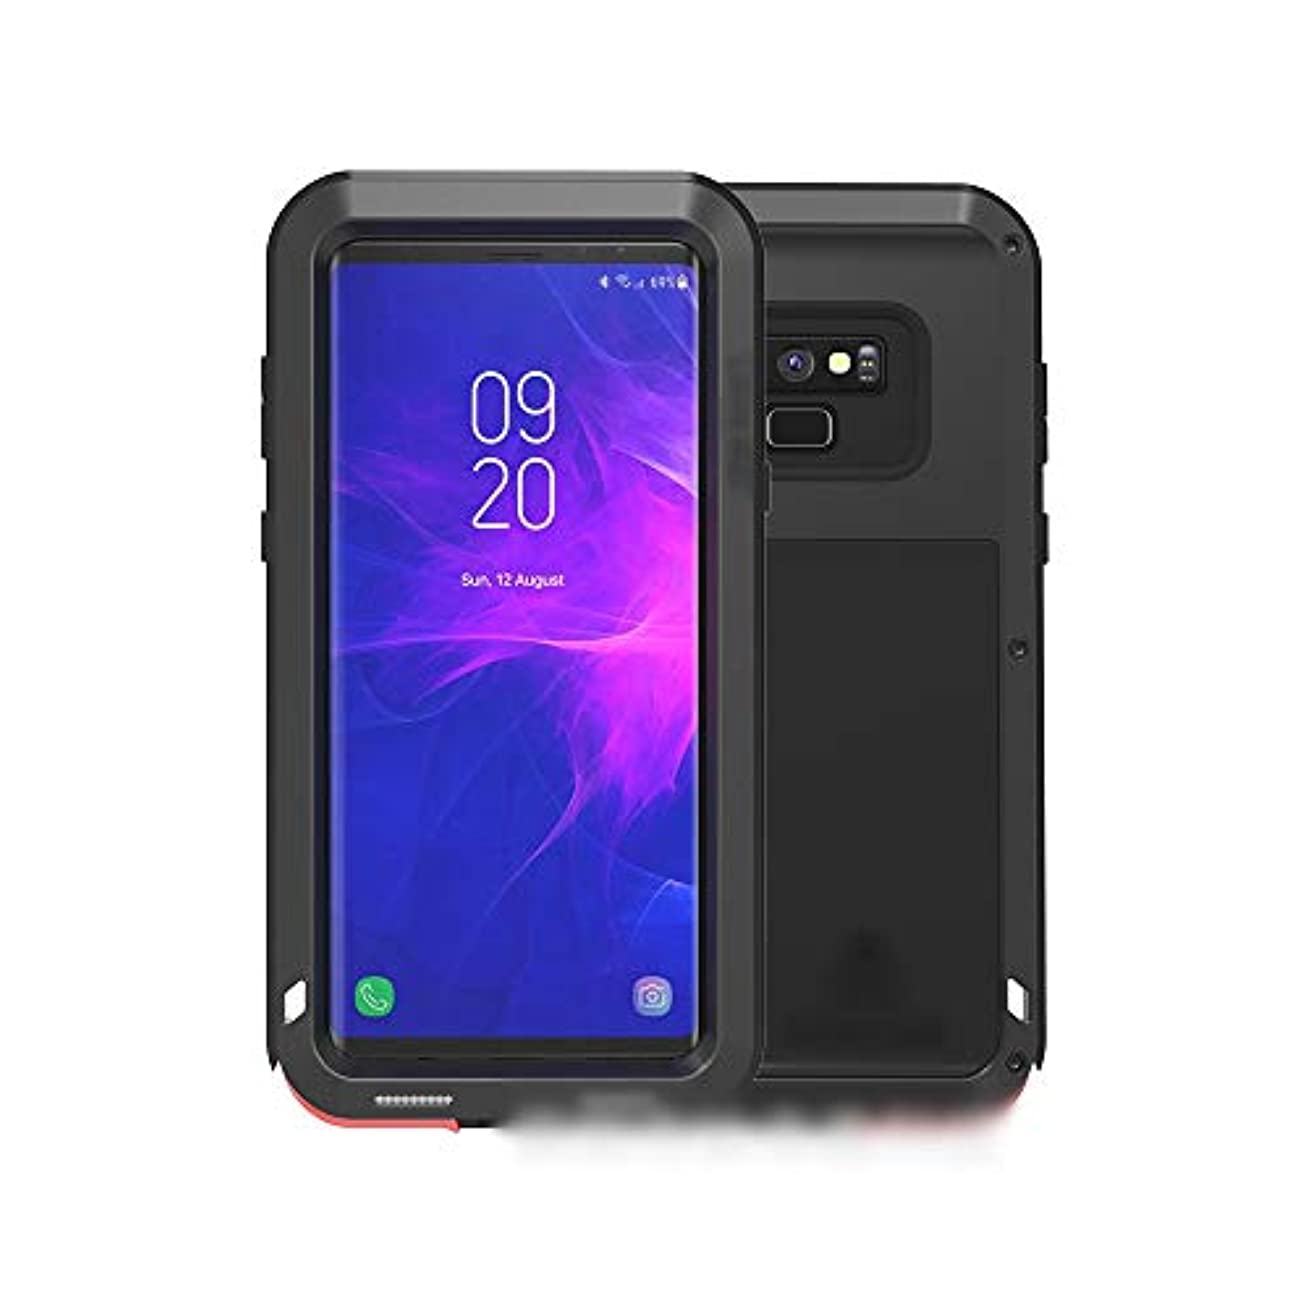 ベリー意味のある代替Tonglilili 電話ケース、サムスンS9プラス、S9、注9、S8プラス、注8、S8のための3つの抗金属電話ケース新しい保護カバー粉々になりにくいセット電話ケース (Color : 黒, Edition : Note9)